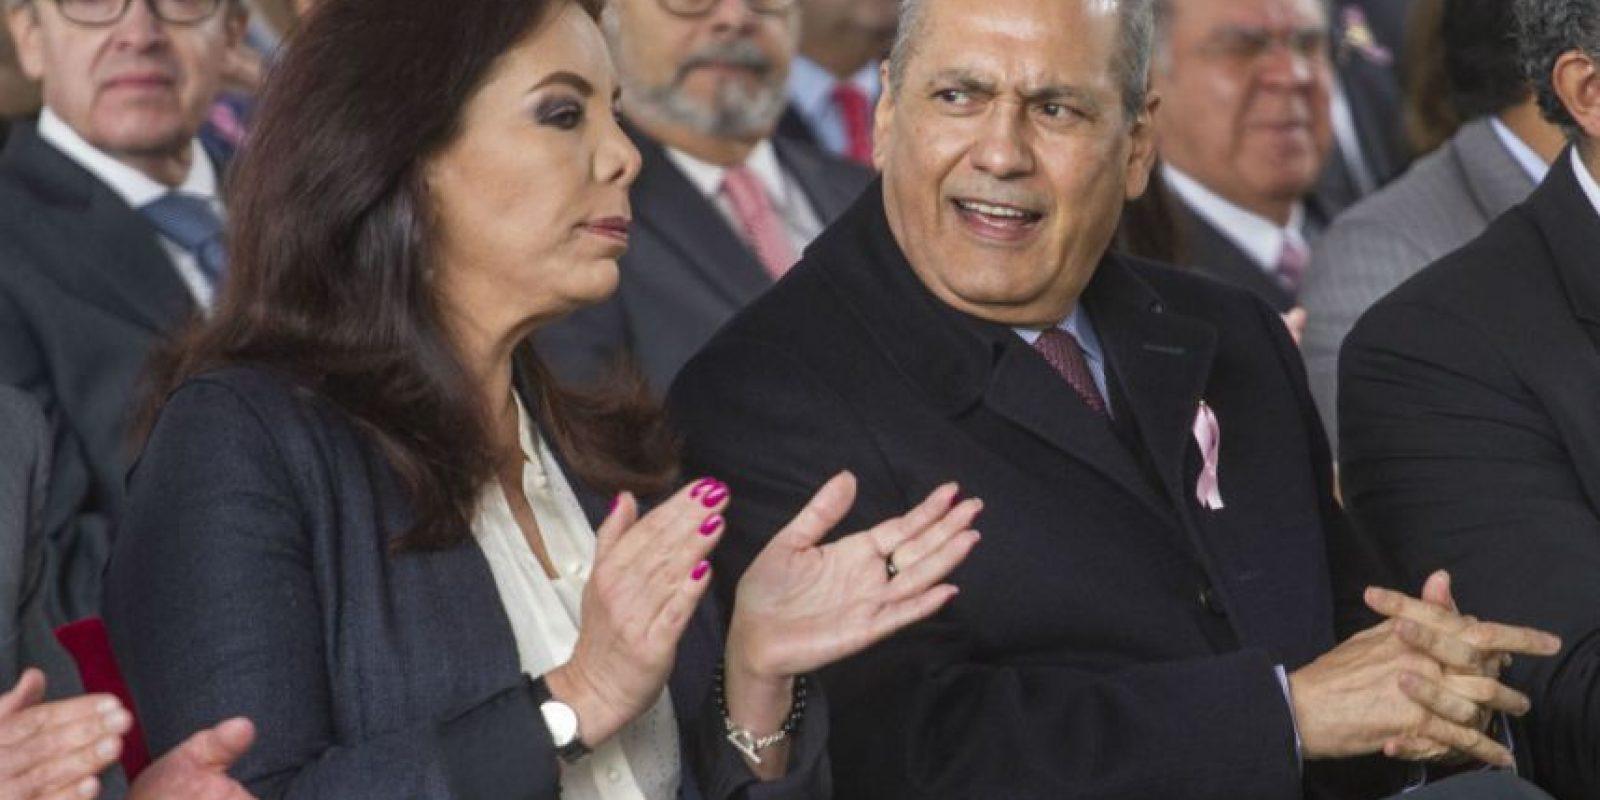 La Secretaria General del CEN del tricolor, Carolina Monroy sería la sucesora más viable. Foto:Cuartoscuro